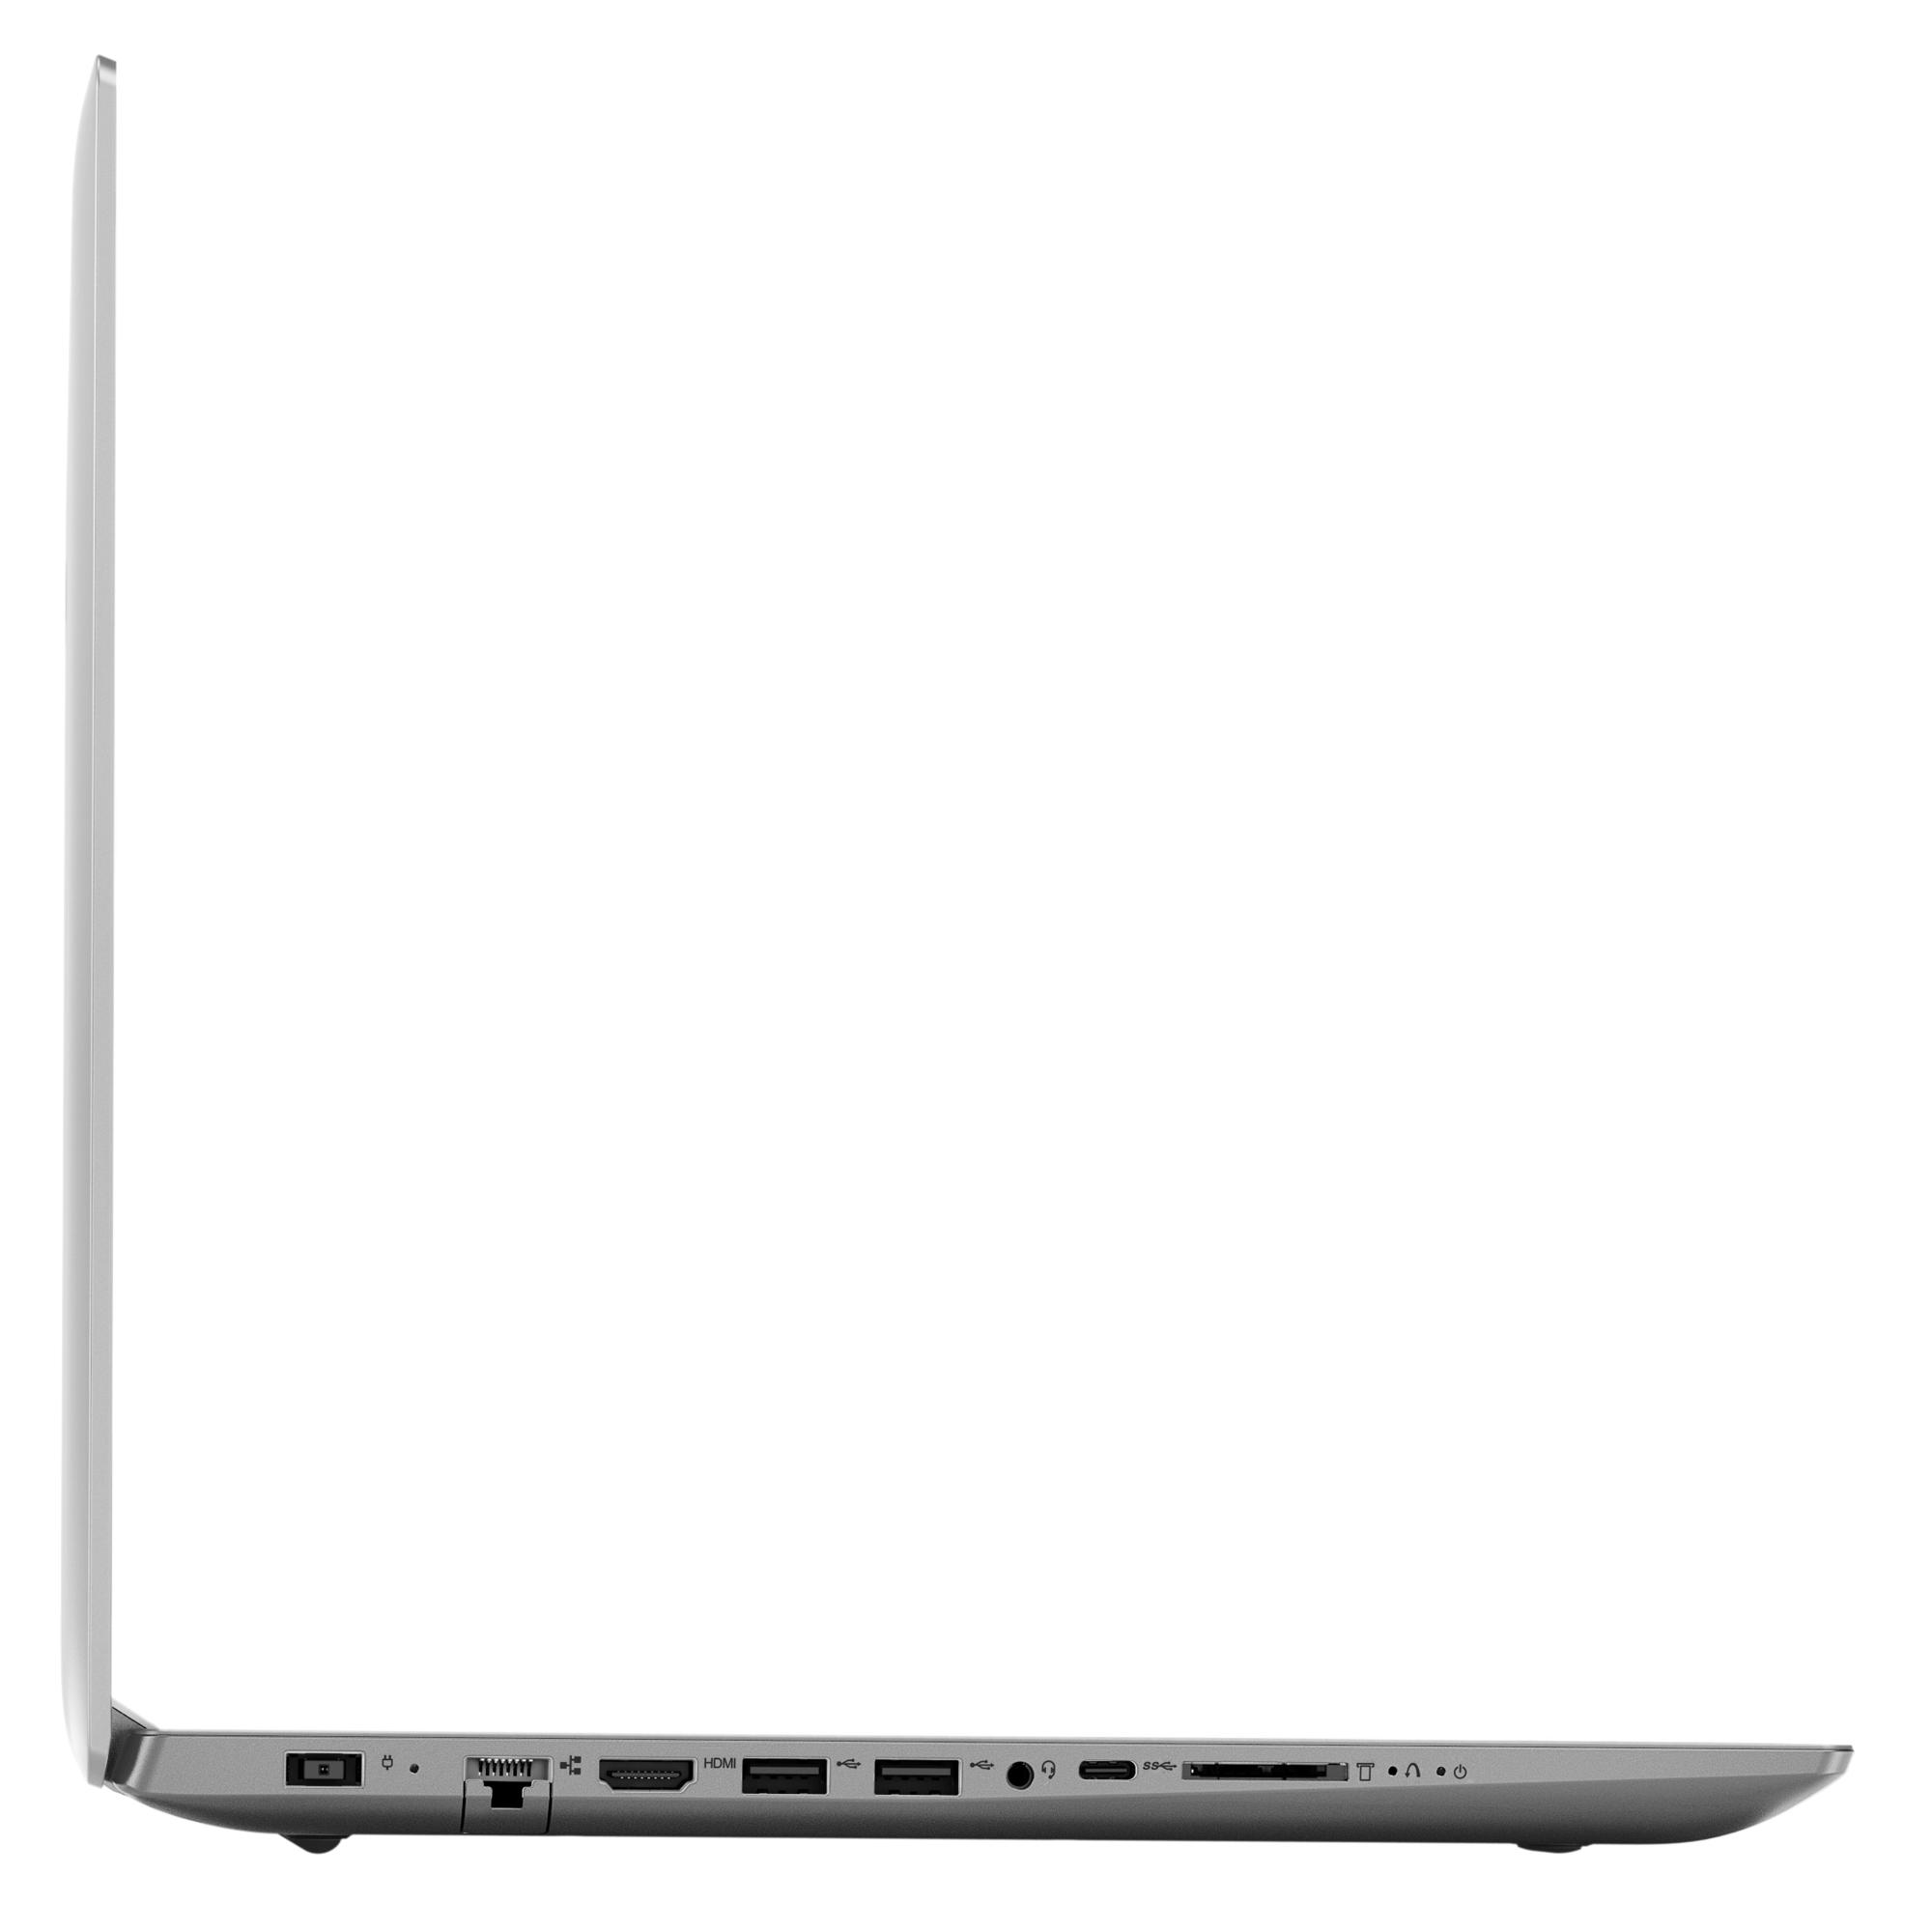 Фото  Ноутбук Lenovo ideapad 330-15 Platinum Grey (81DE01FGRA)